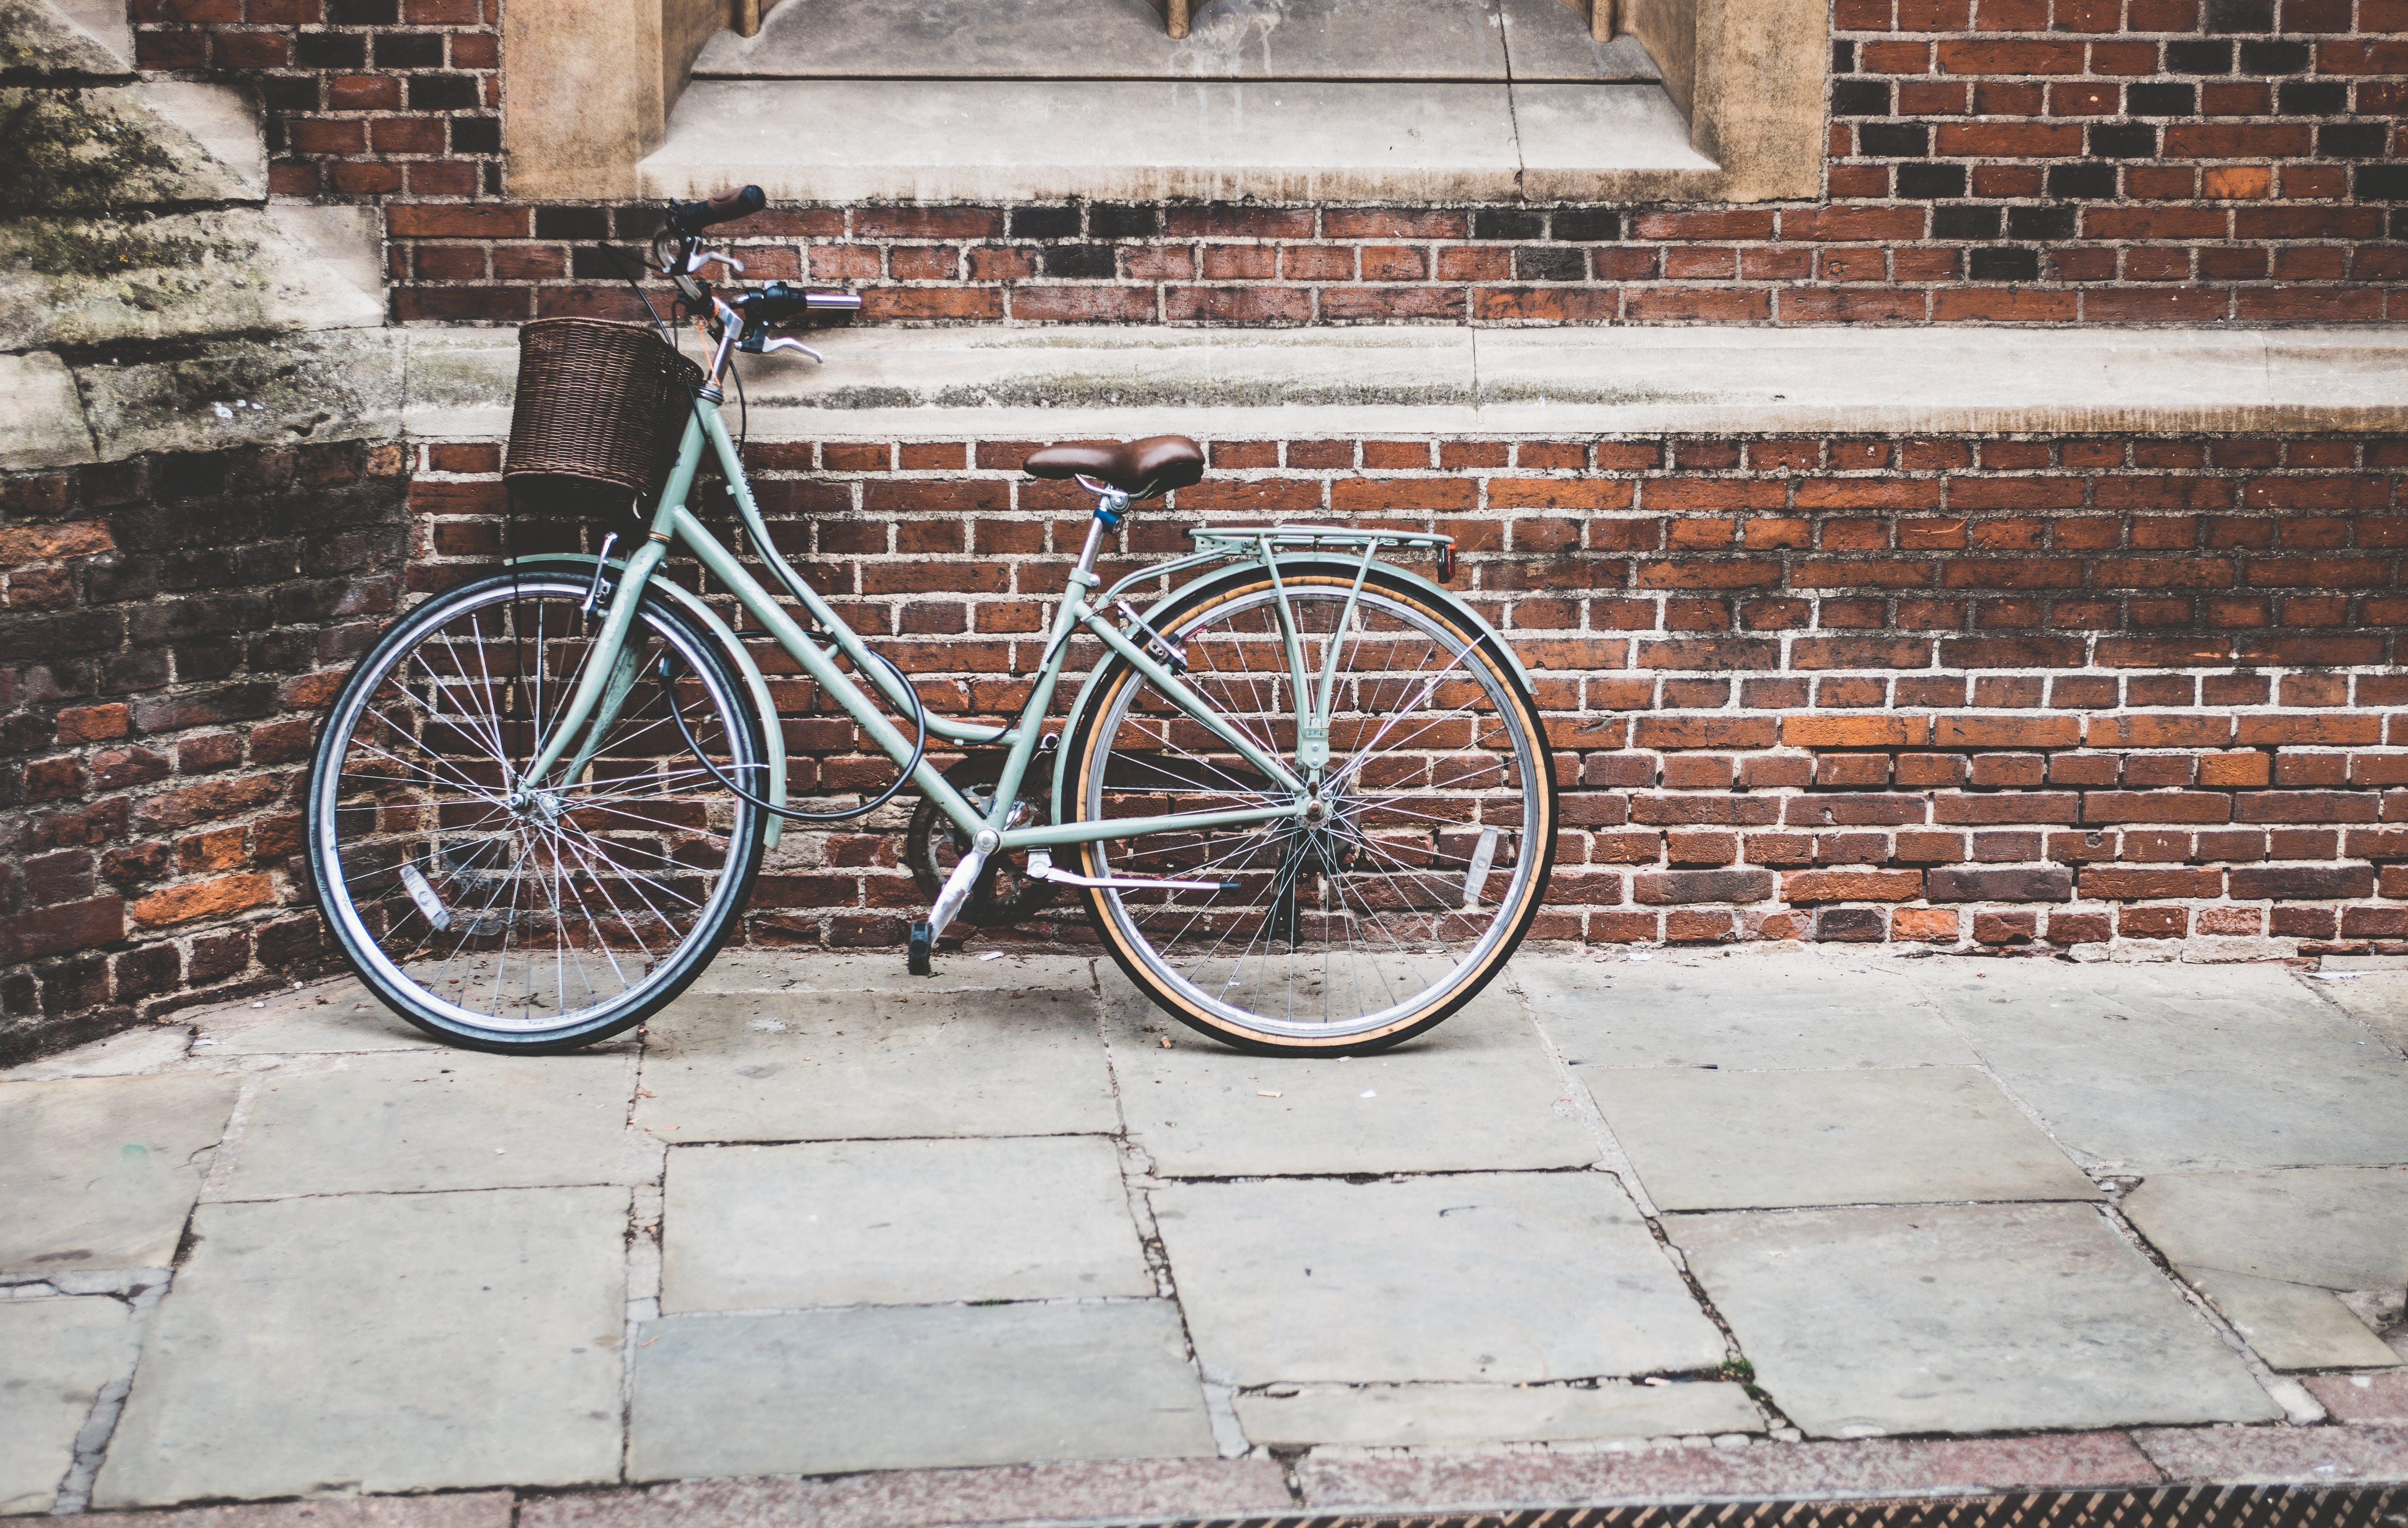 Kostenloses Stock Foto zu architektur, backstein, bürgersteig, fahrrad